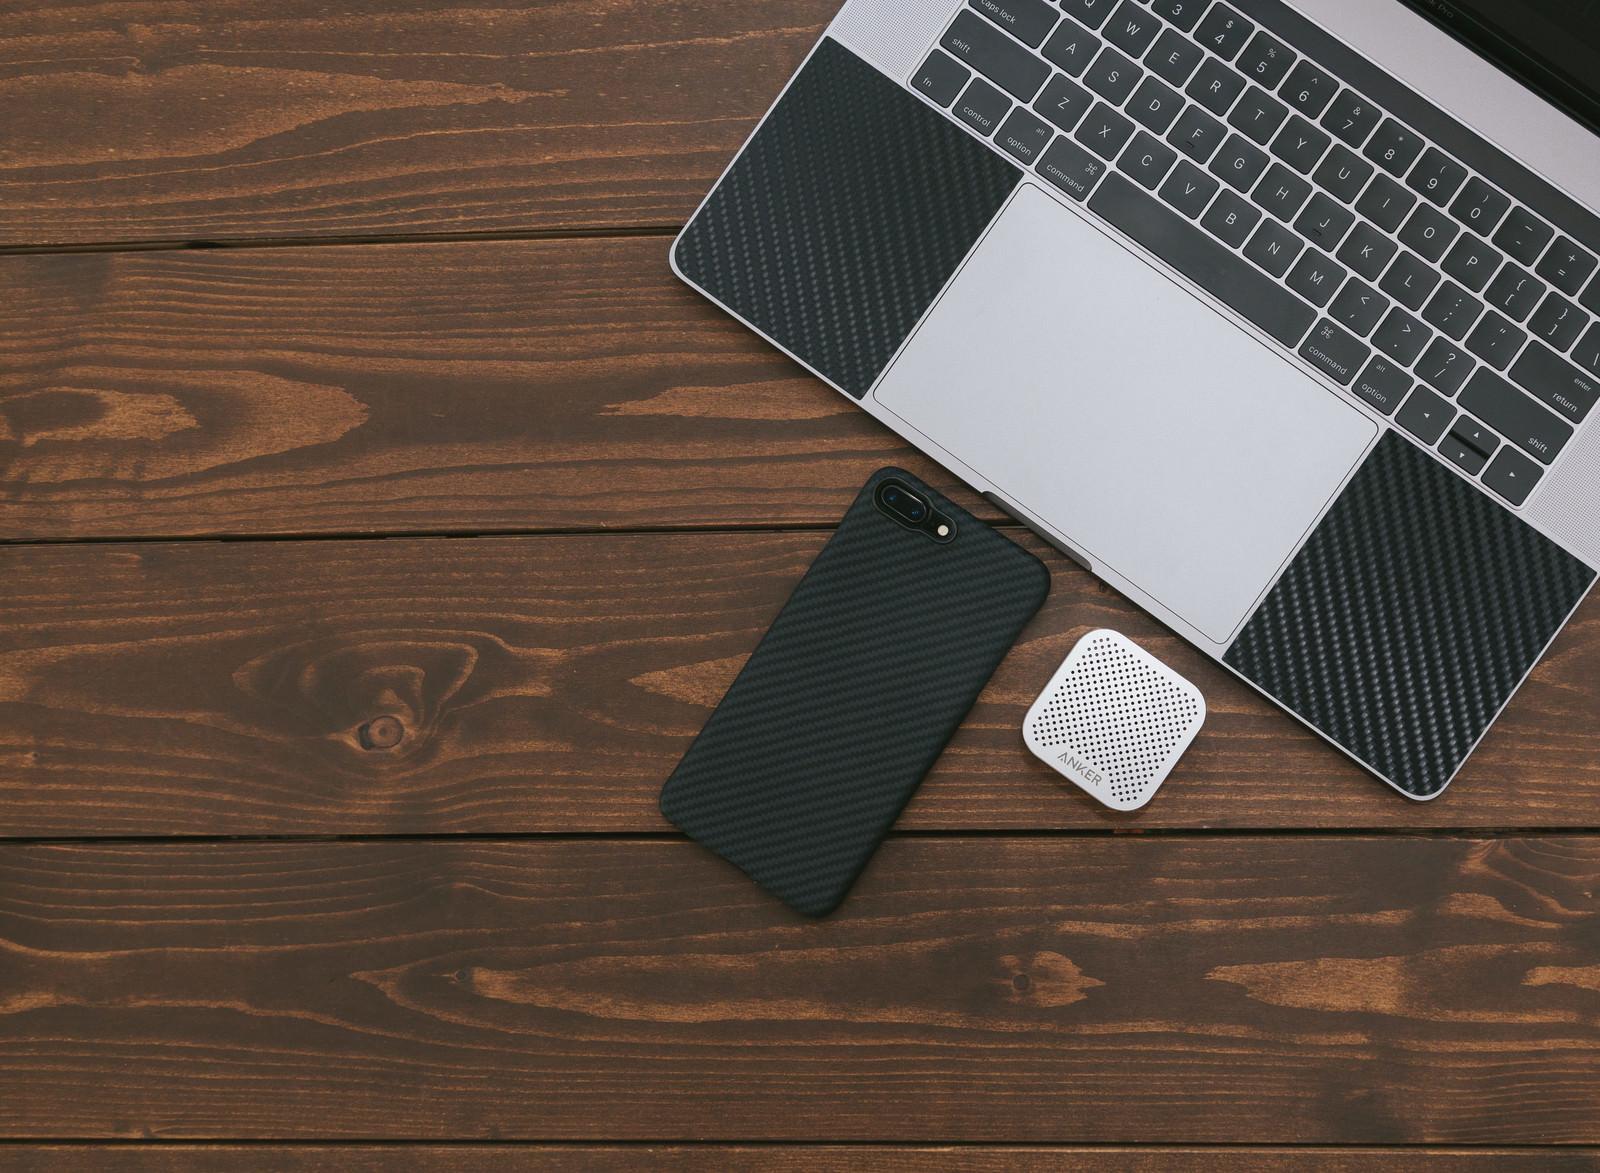 「スマートフォンと小型のワイヤレススピーカースマートフォンと小型のワイヤレススピーカー」のフリー写真素材を拡大